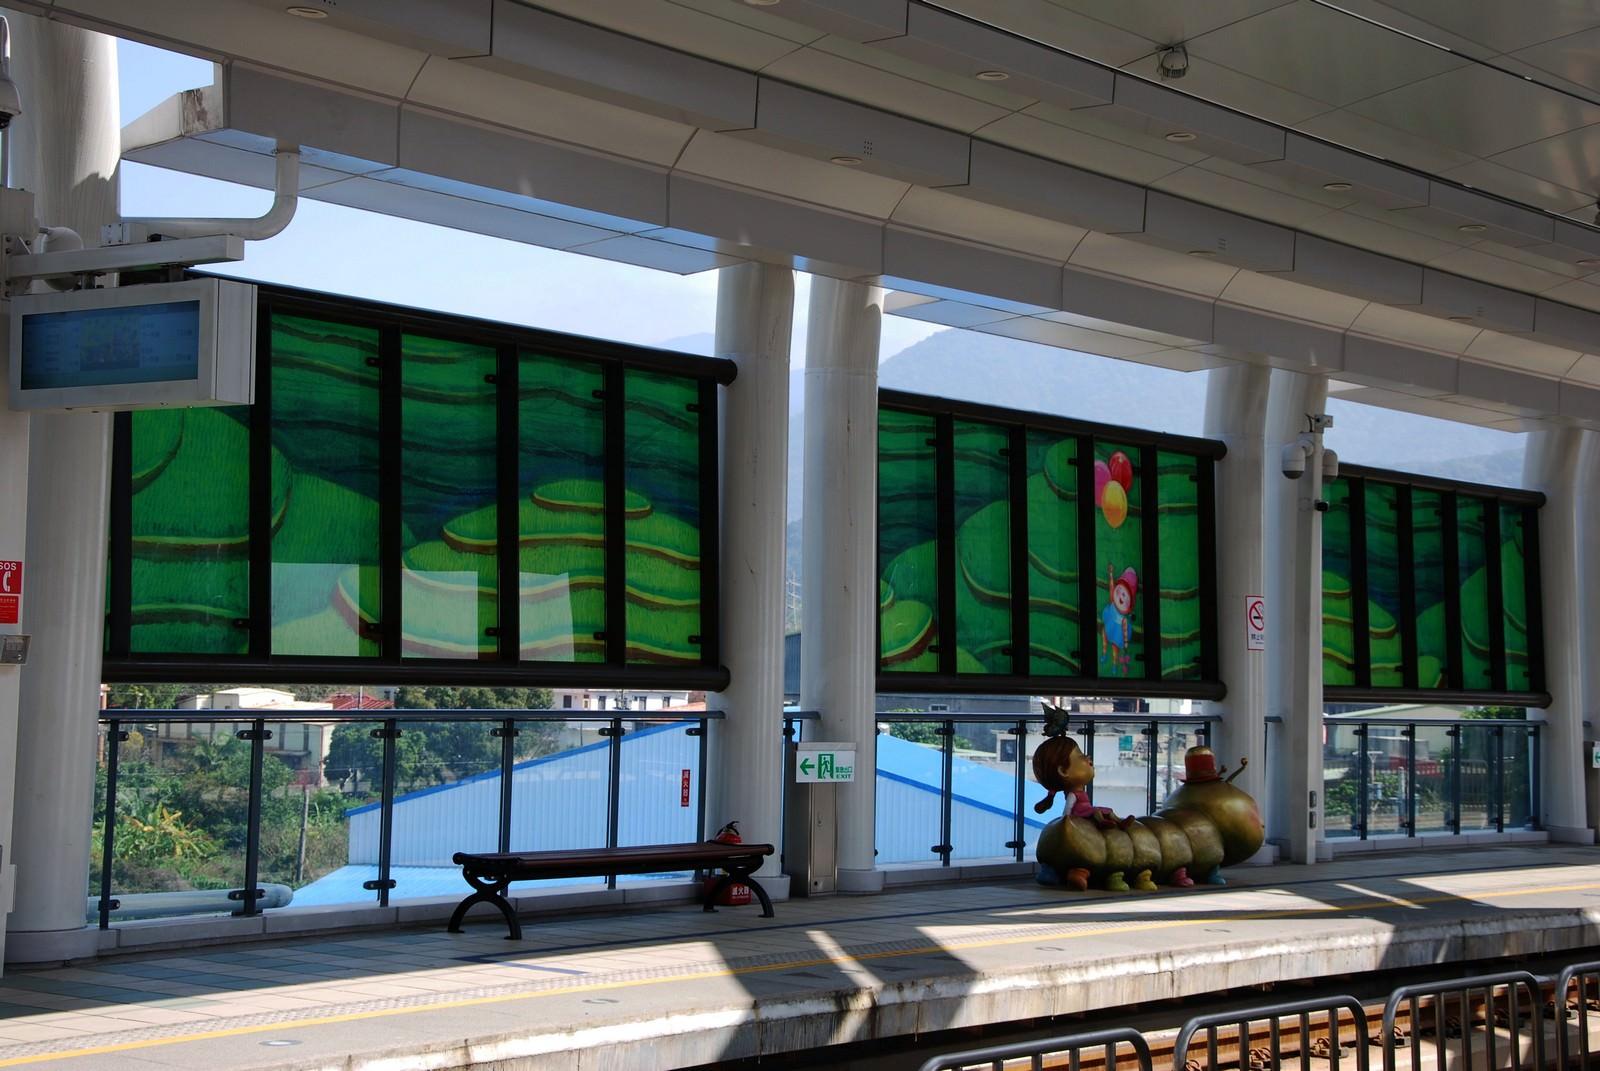 淡海輕軌綠山線, 輕軌淡金北新站(北投子), 淡海輕軌遇上幾米